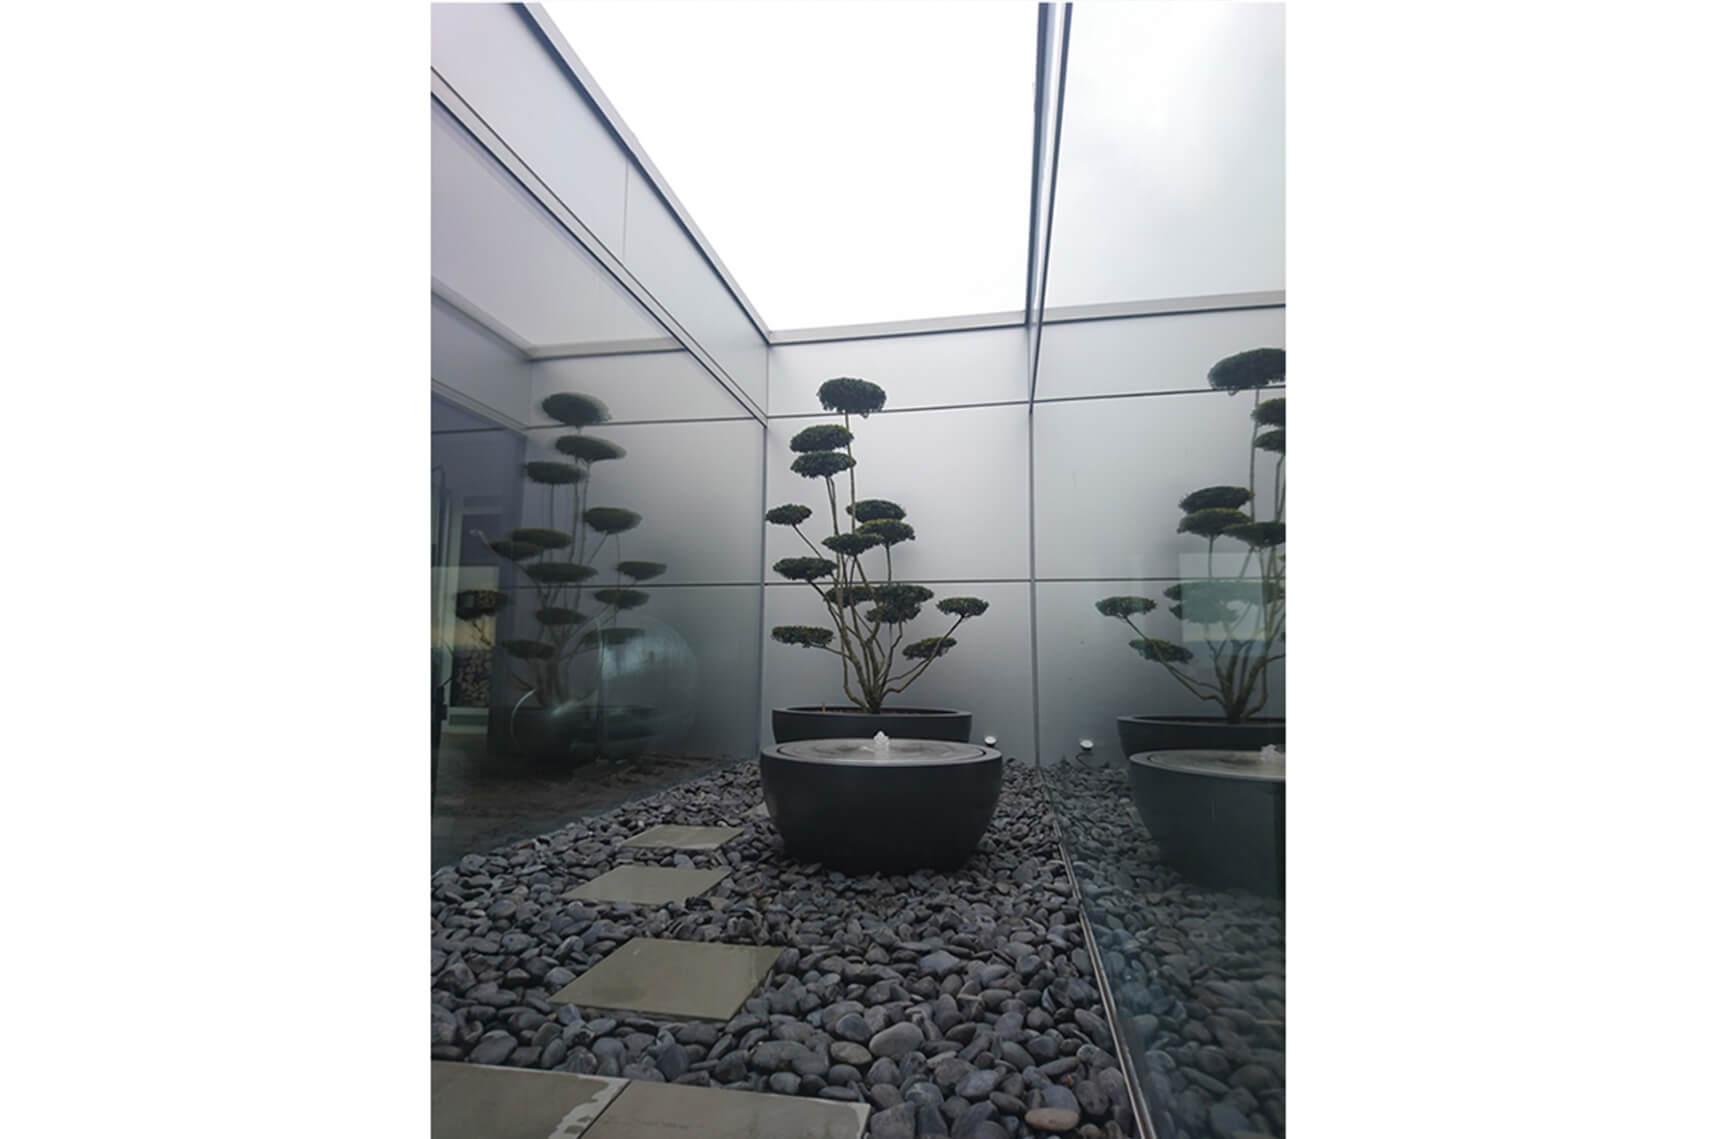 aellig paysages paysagiste jardin interieur pot arbre à étage fontaine la neuveville jardin japonais ultra modern (1)